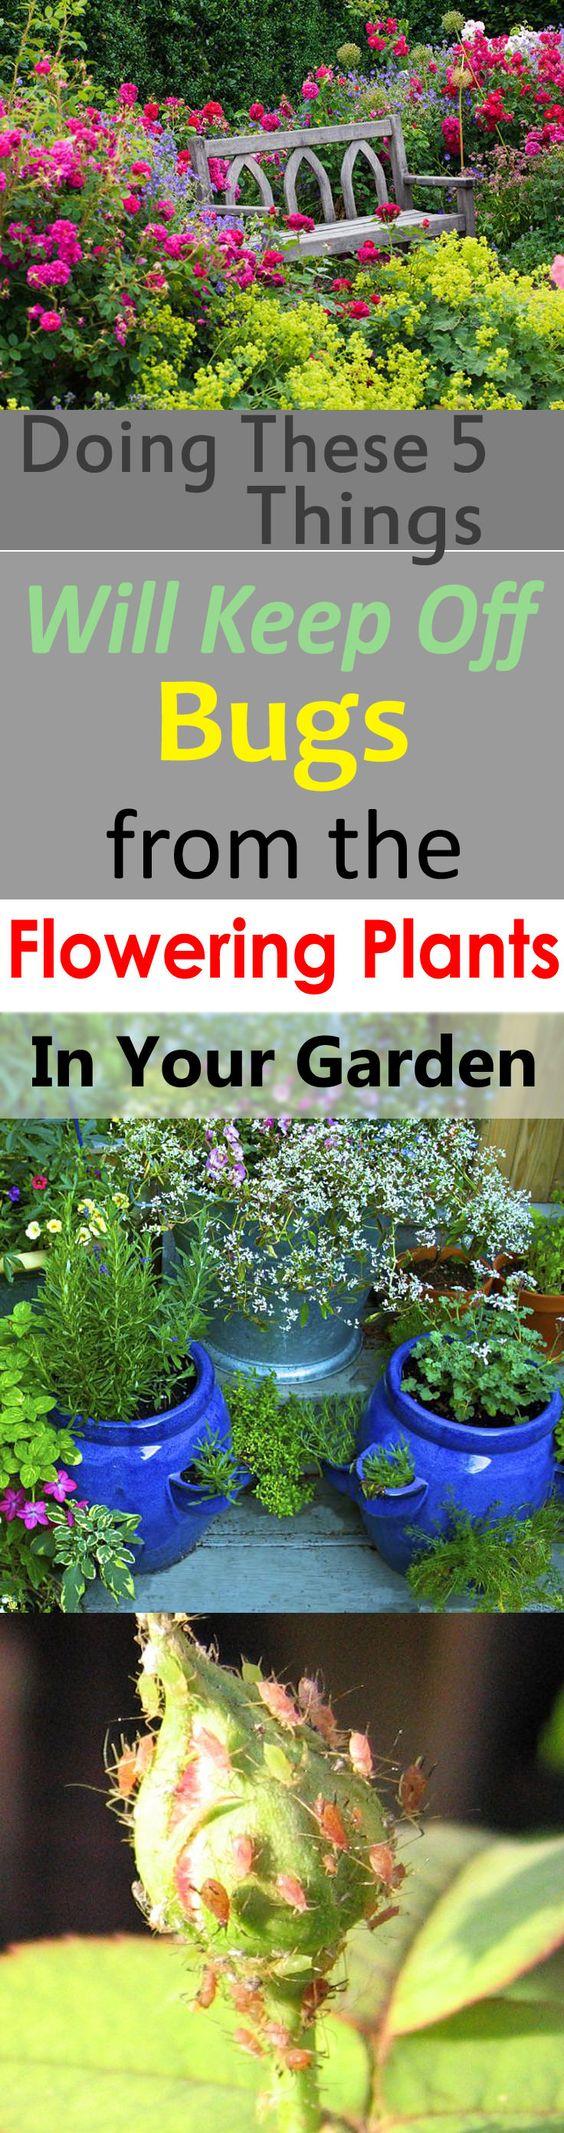 那些讨厌的花园害虫会破坏你的开花植物吗?继续阅读!做这5件事肯定会挡住你花园里开花植物的虫子。